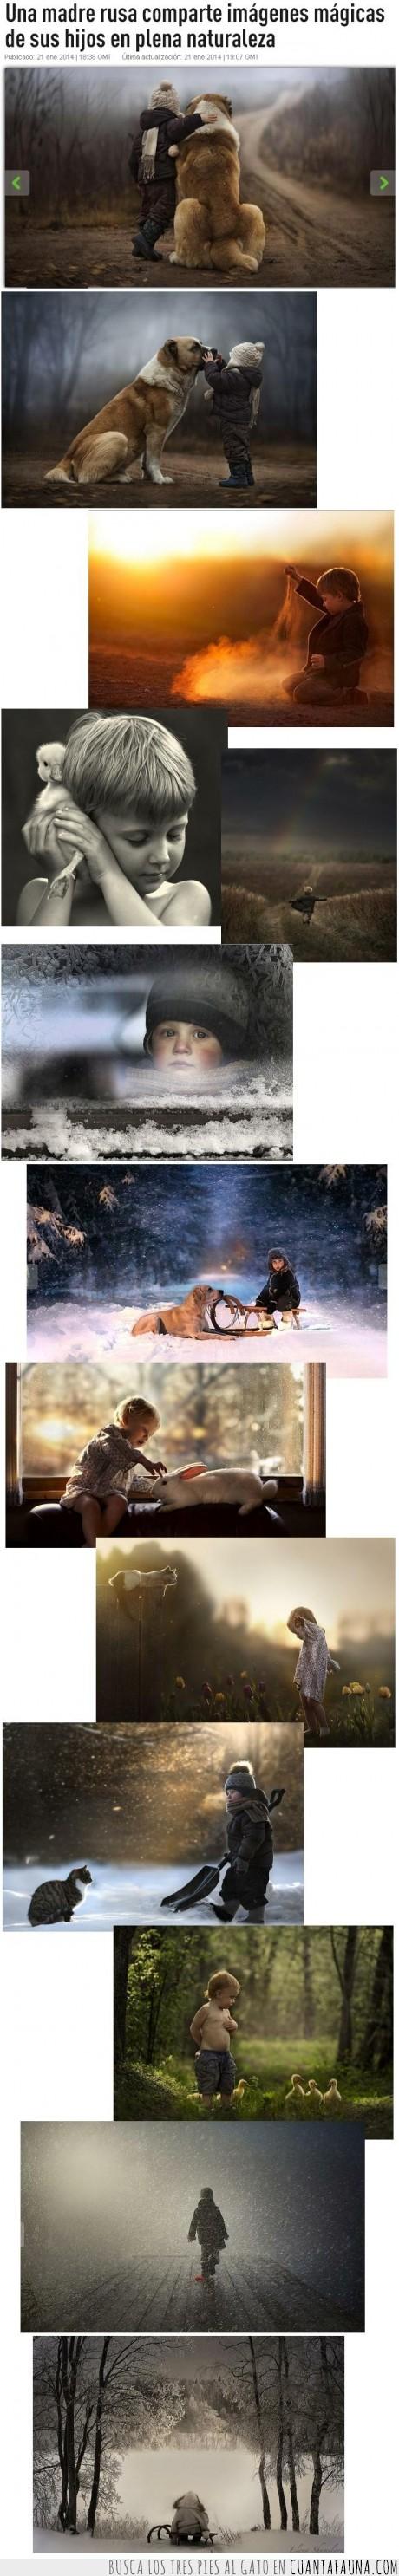 fotos magicas,gato,invierno,madre fotografa,madre rusa,naturaleza,niños inocentes,pato,perro